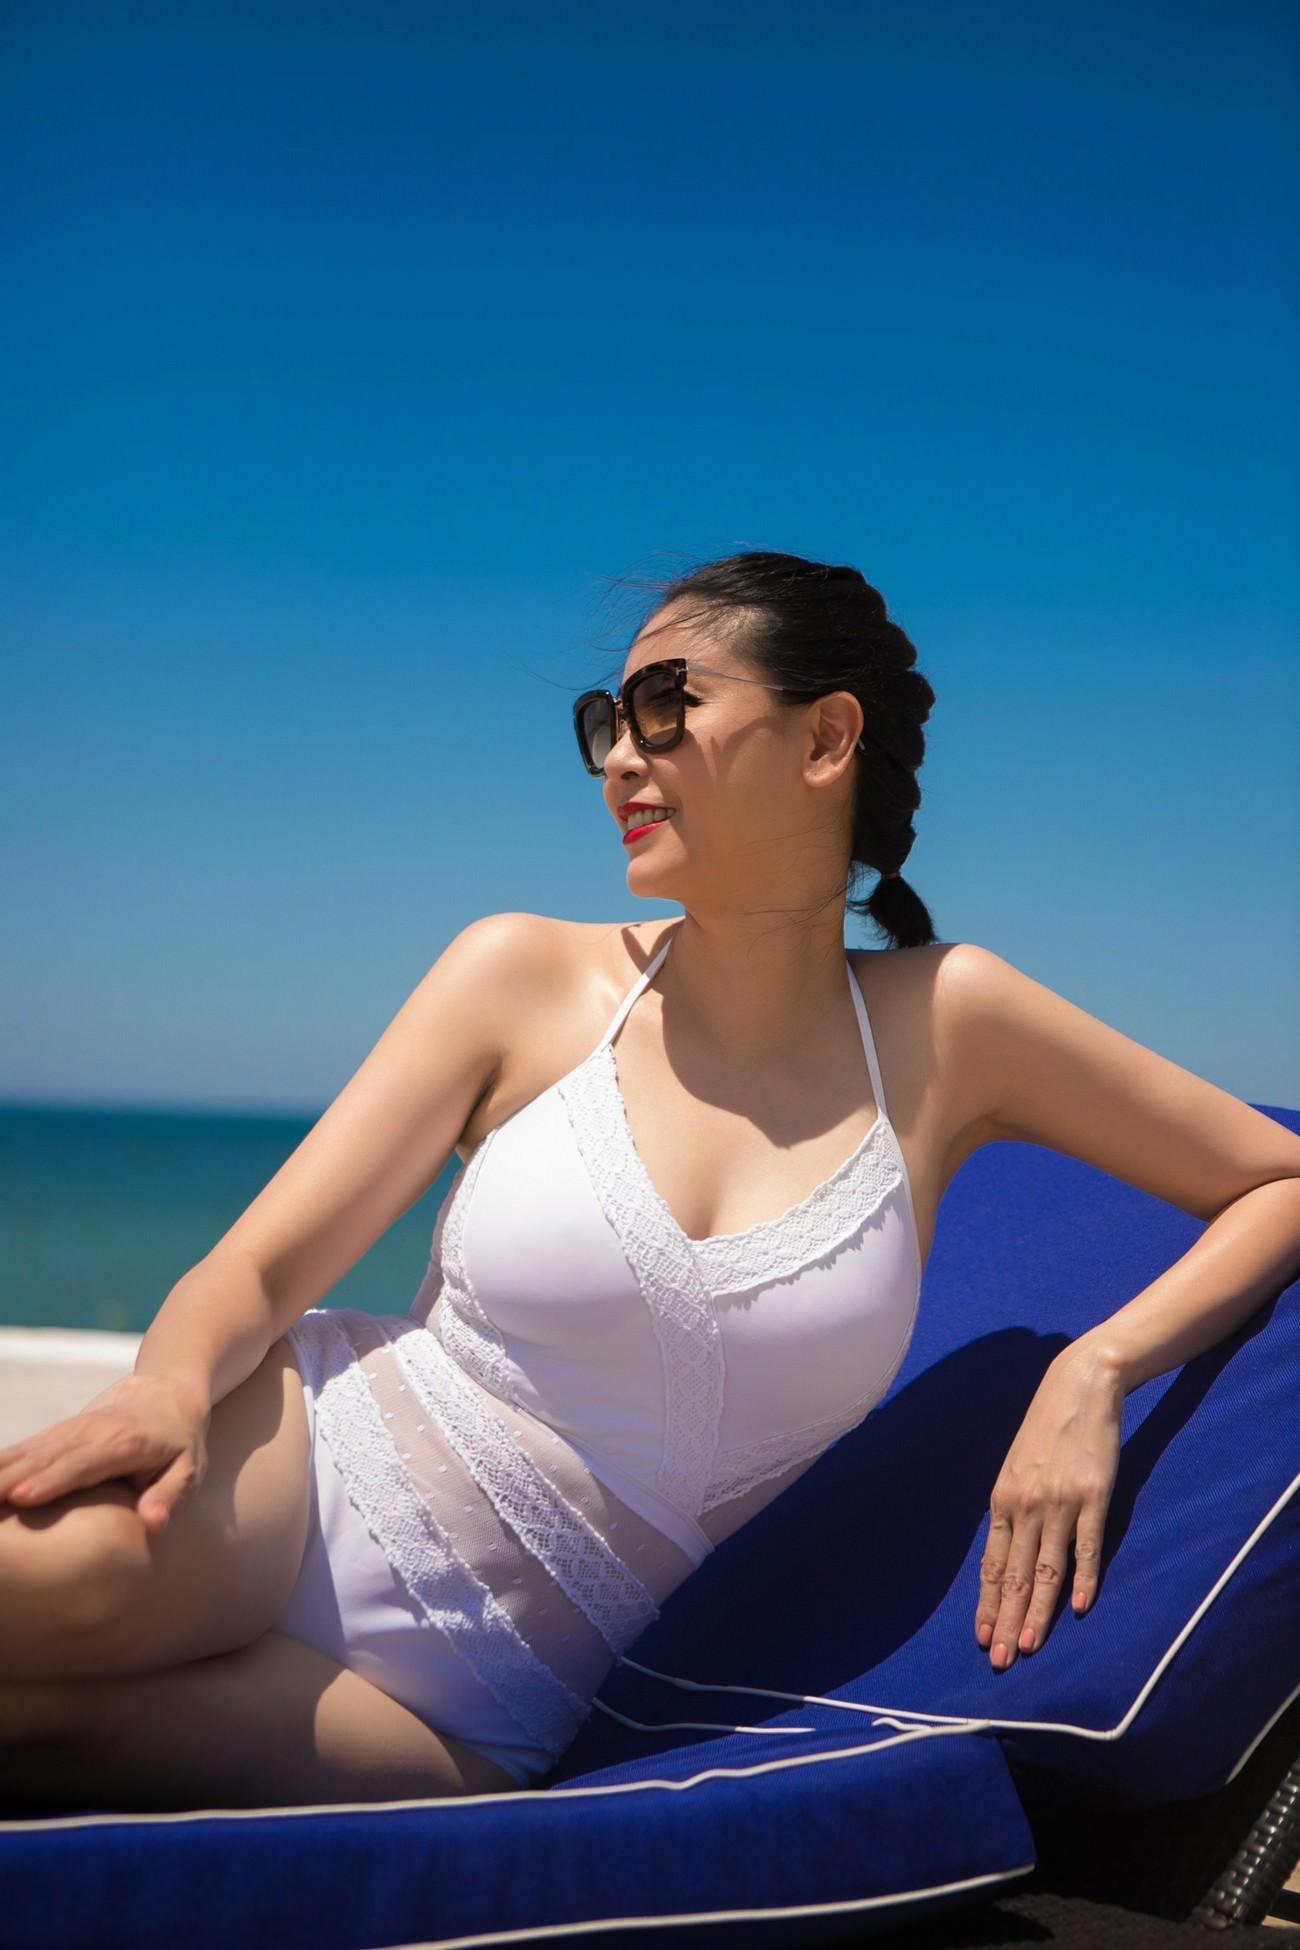 Đỉnh cao nhan sắc dàn Hoa hậu U40, U50 của Vbiz: Đăng quang cả thập kỷ vẫn giữ trọn vẻ đẹp như thời thanh xuân - Ảnh 4.